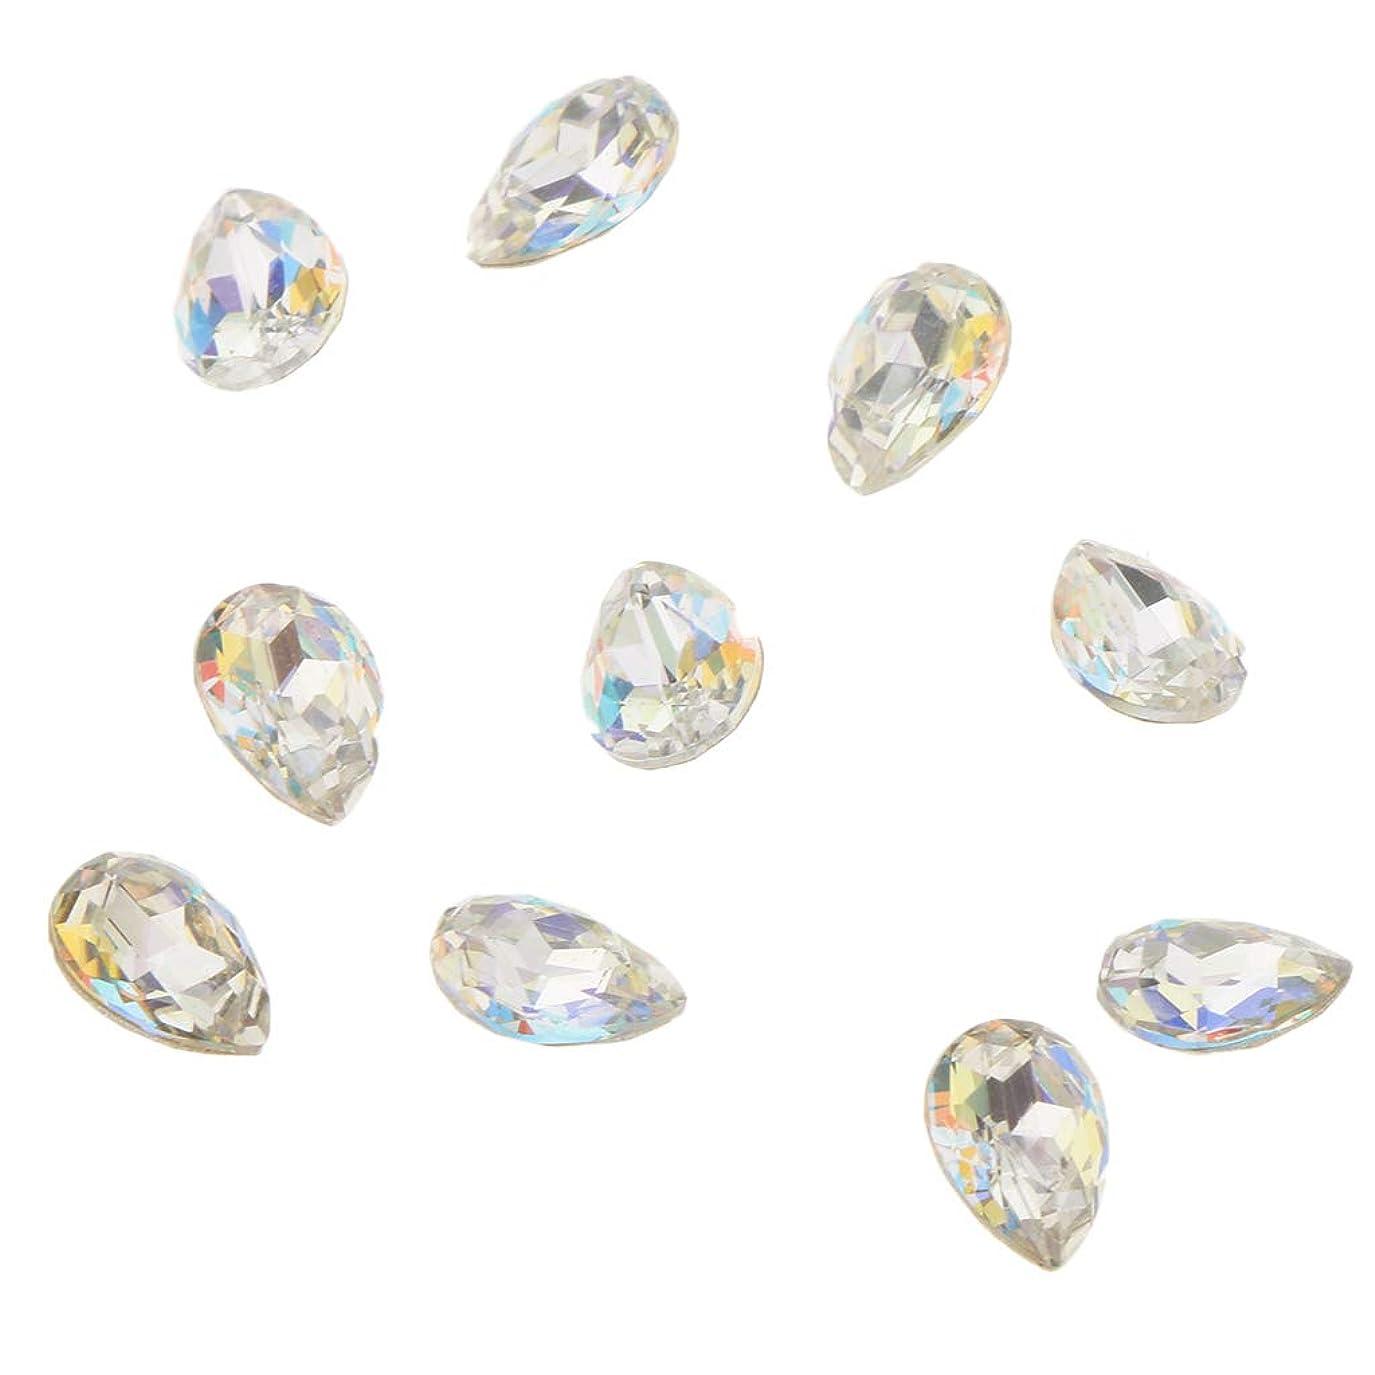 海里純度テンポKESOTO 10個 ネイルアート 3D ネイルチャーム ガラス ダイヤモンドチップ 装飾 美しい爪 魅力 5タイプ選べ - D